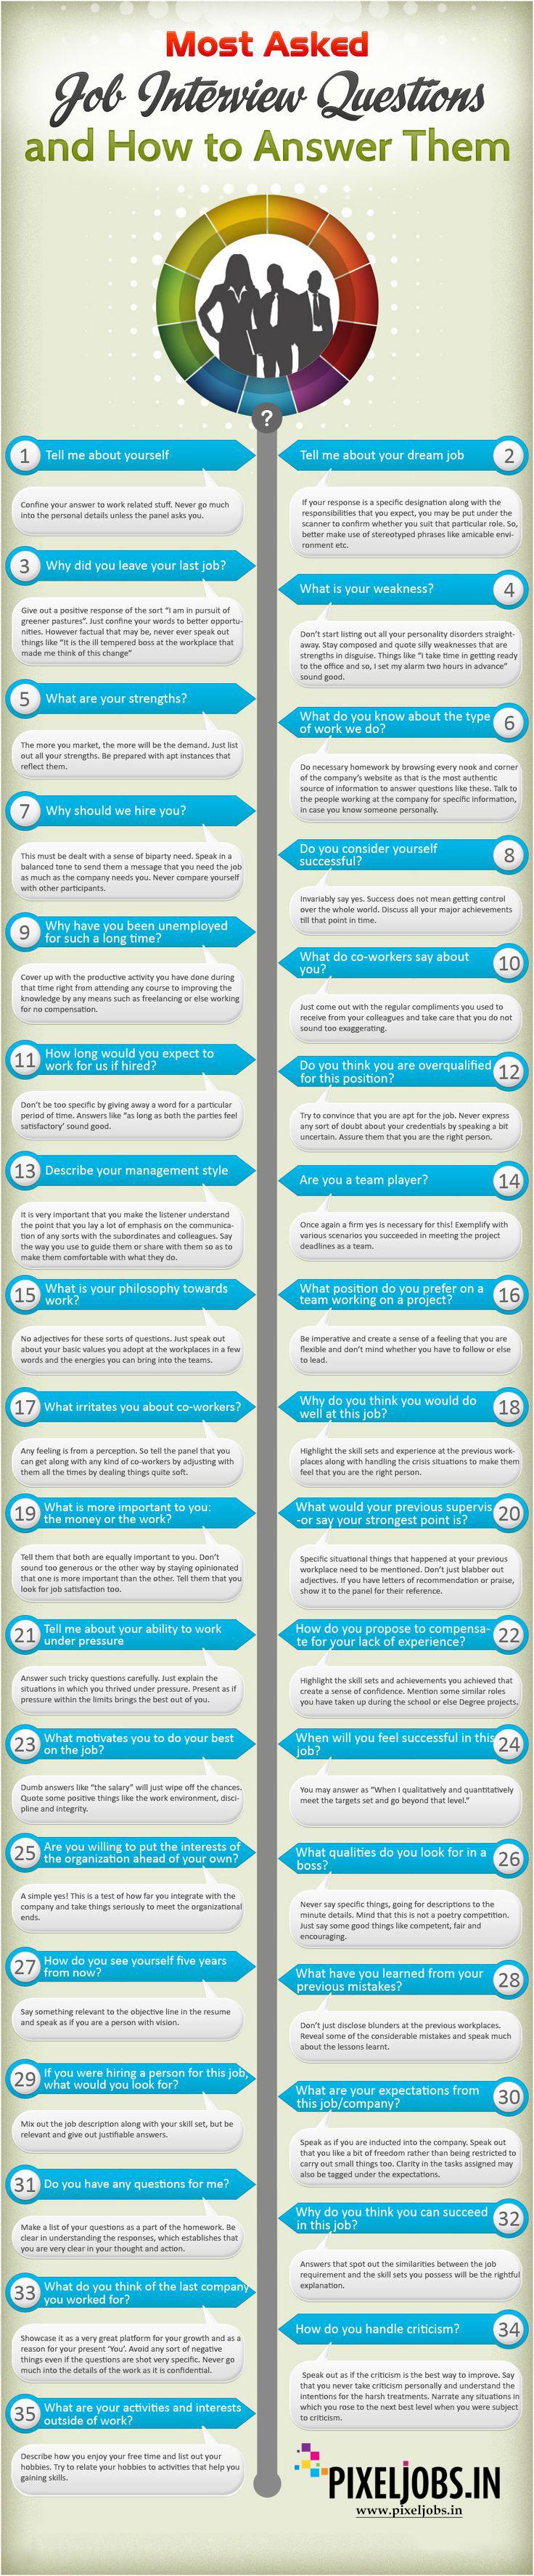 job interview tips pixeljobs in career interview tips cv job interview tips pixeljobs in